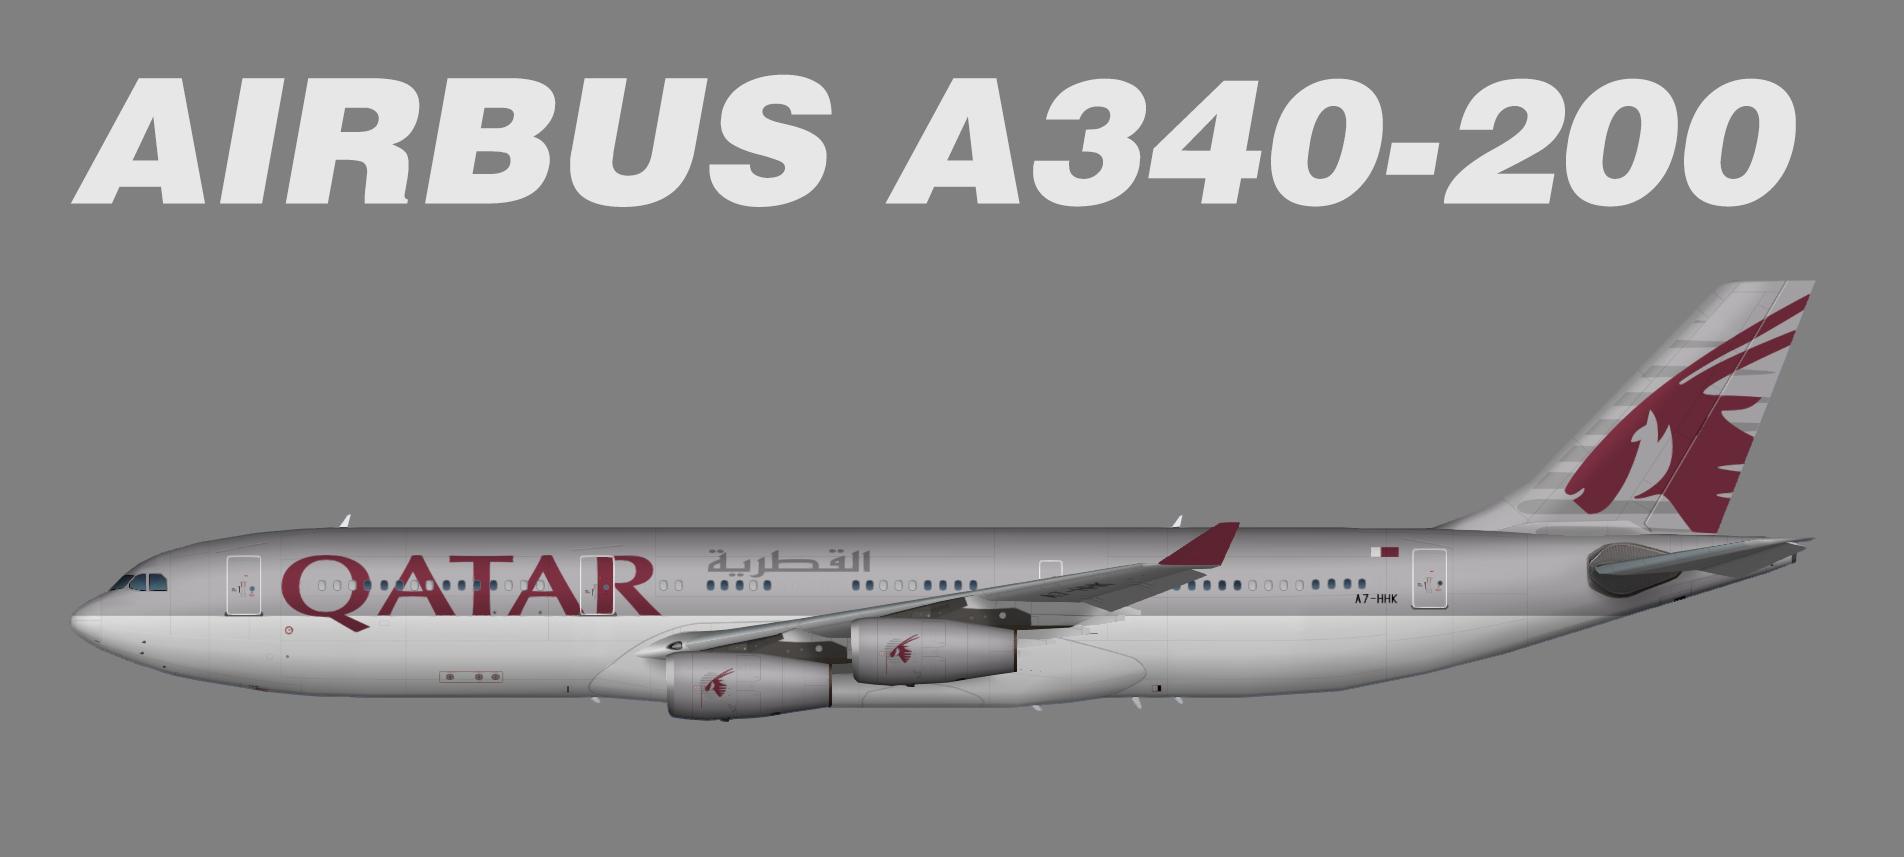 Qatar Amiri Flight Airbus A340-200